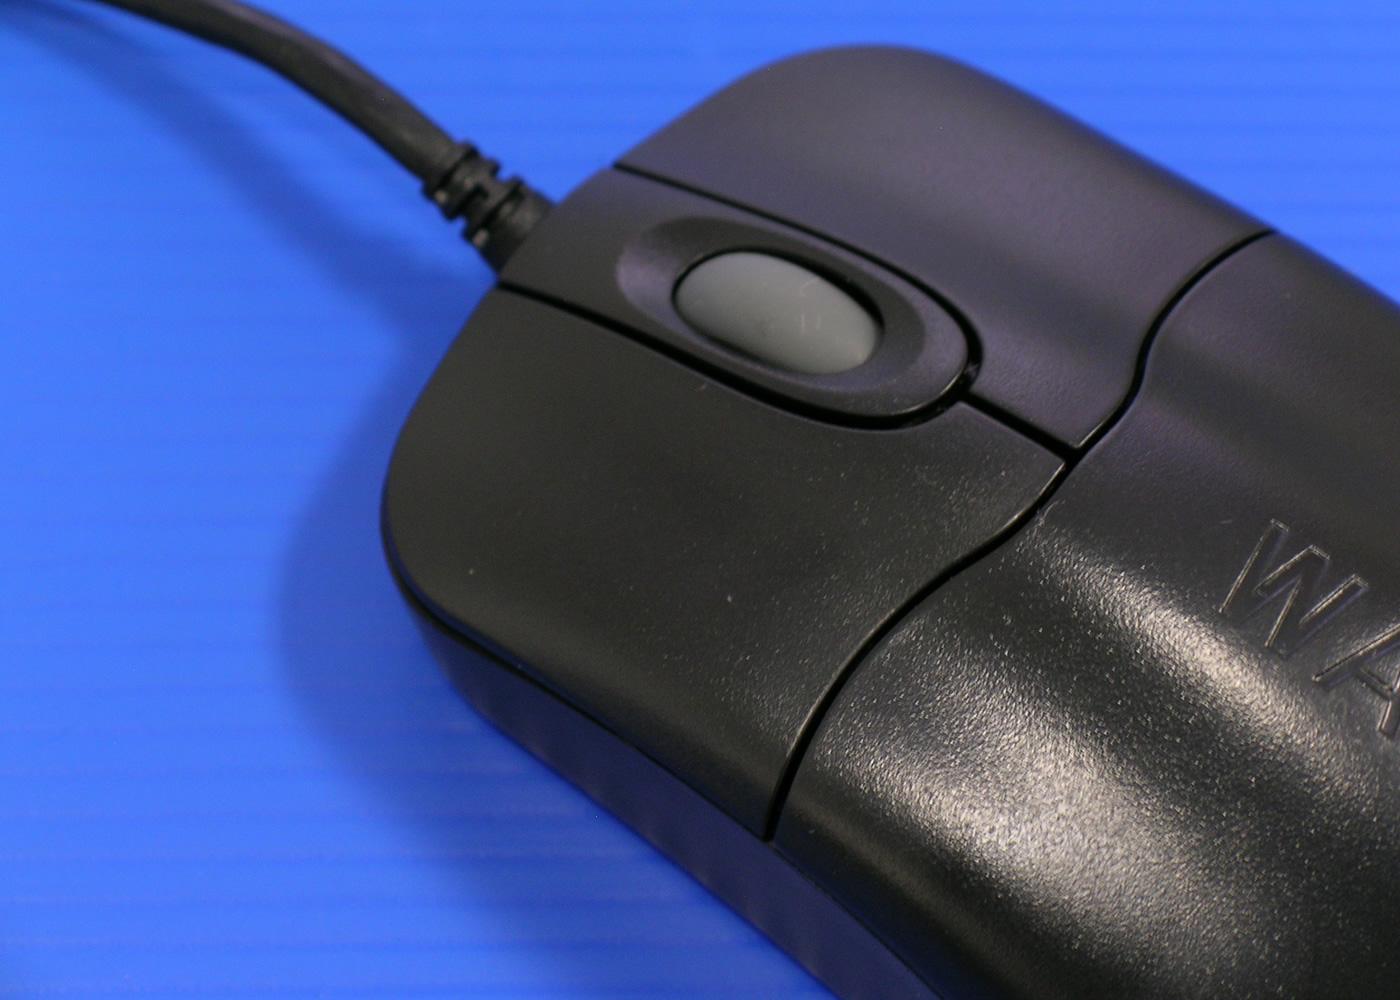 Souris médicale optique nettoyable noire antibactérienne